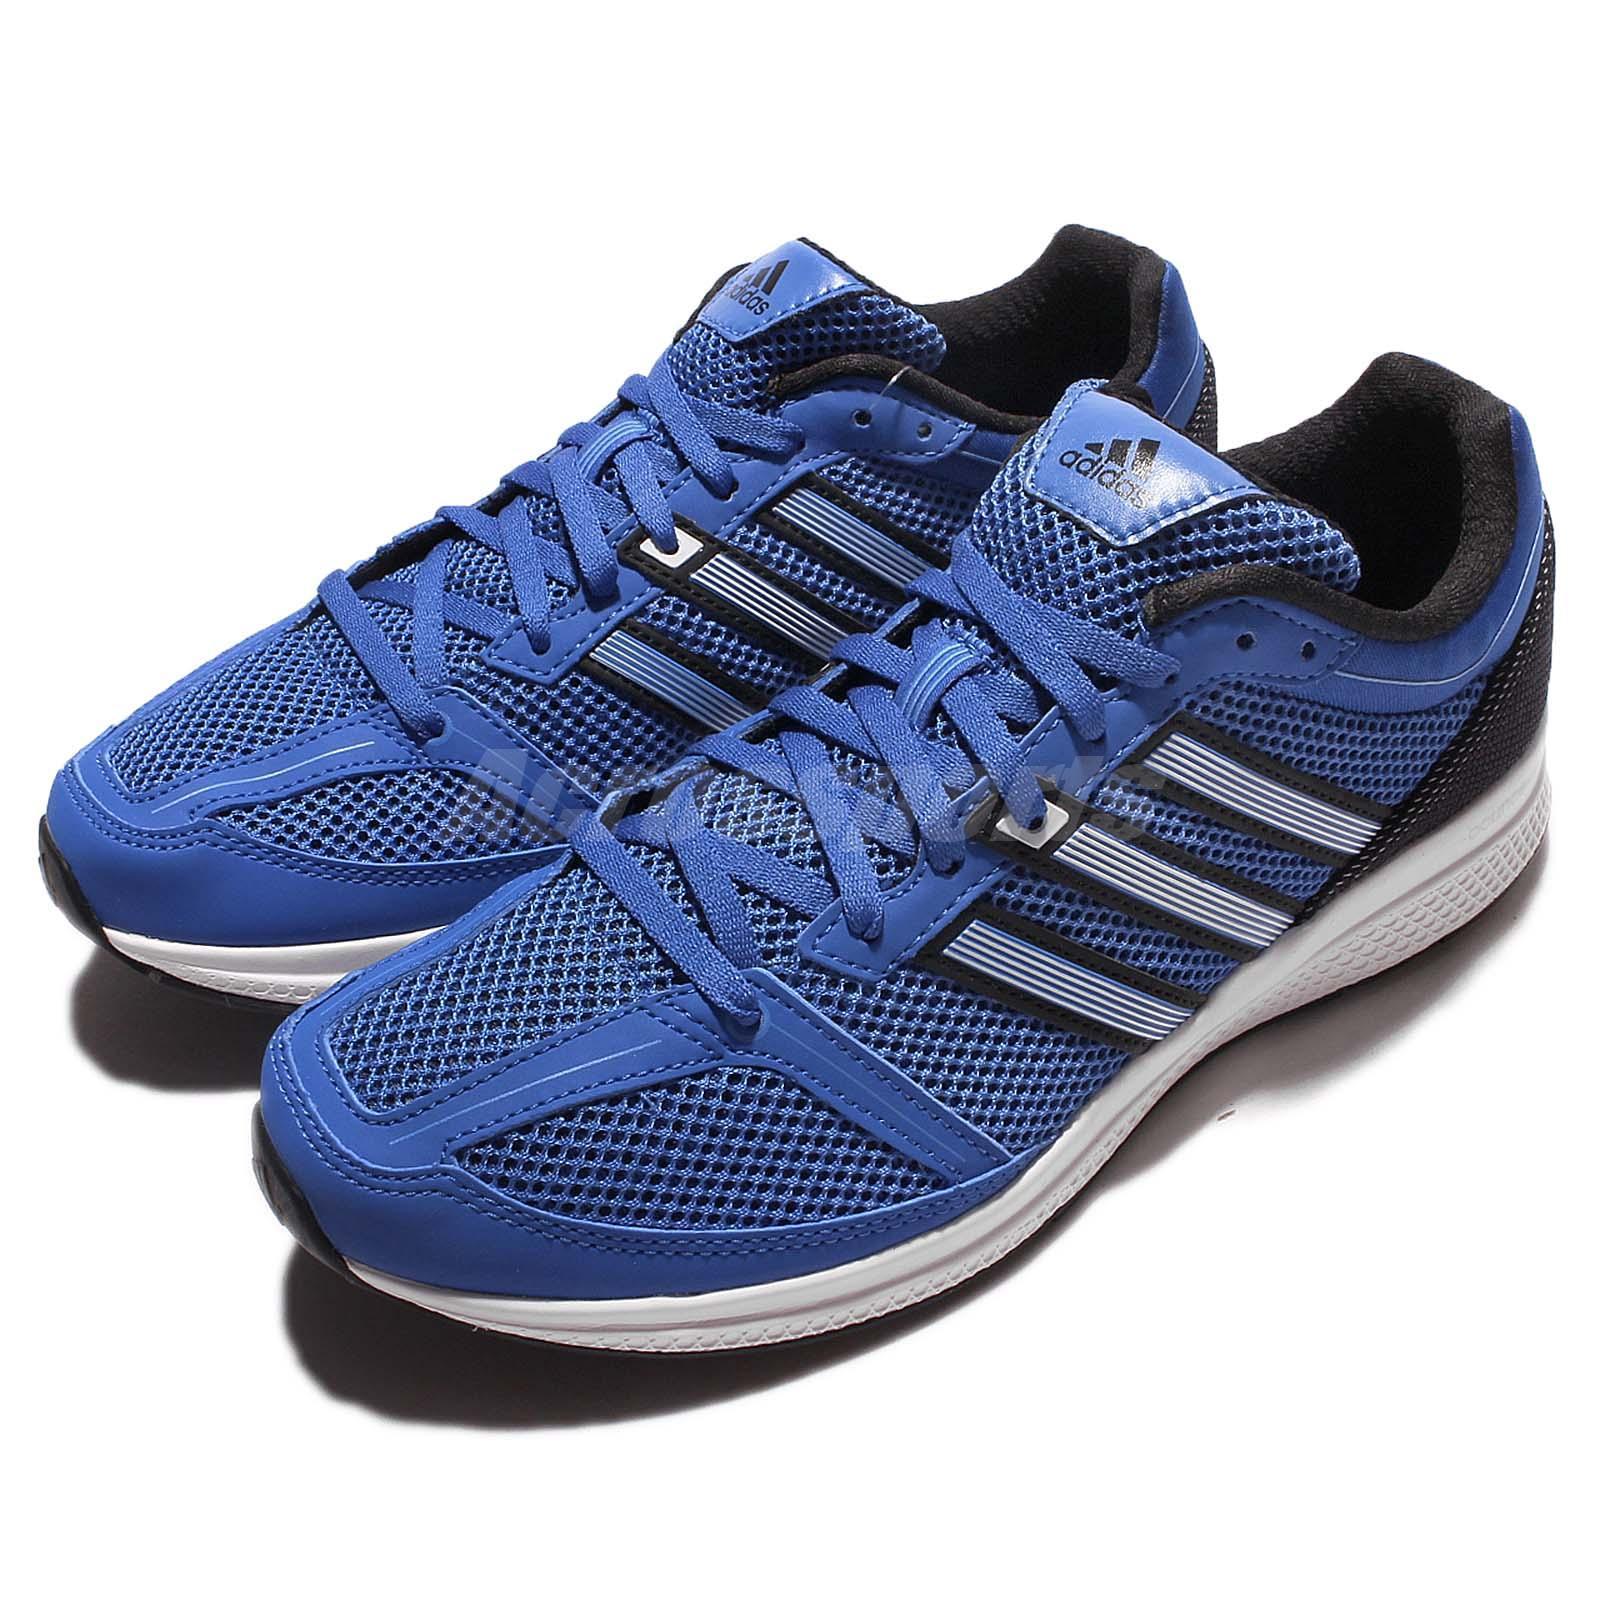 Adizero Running Shoes Amazon